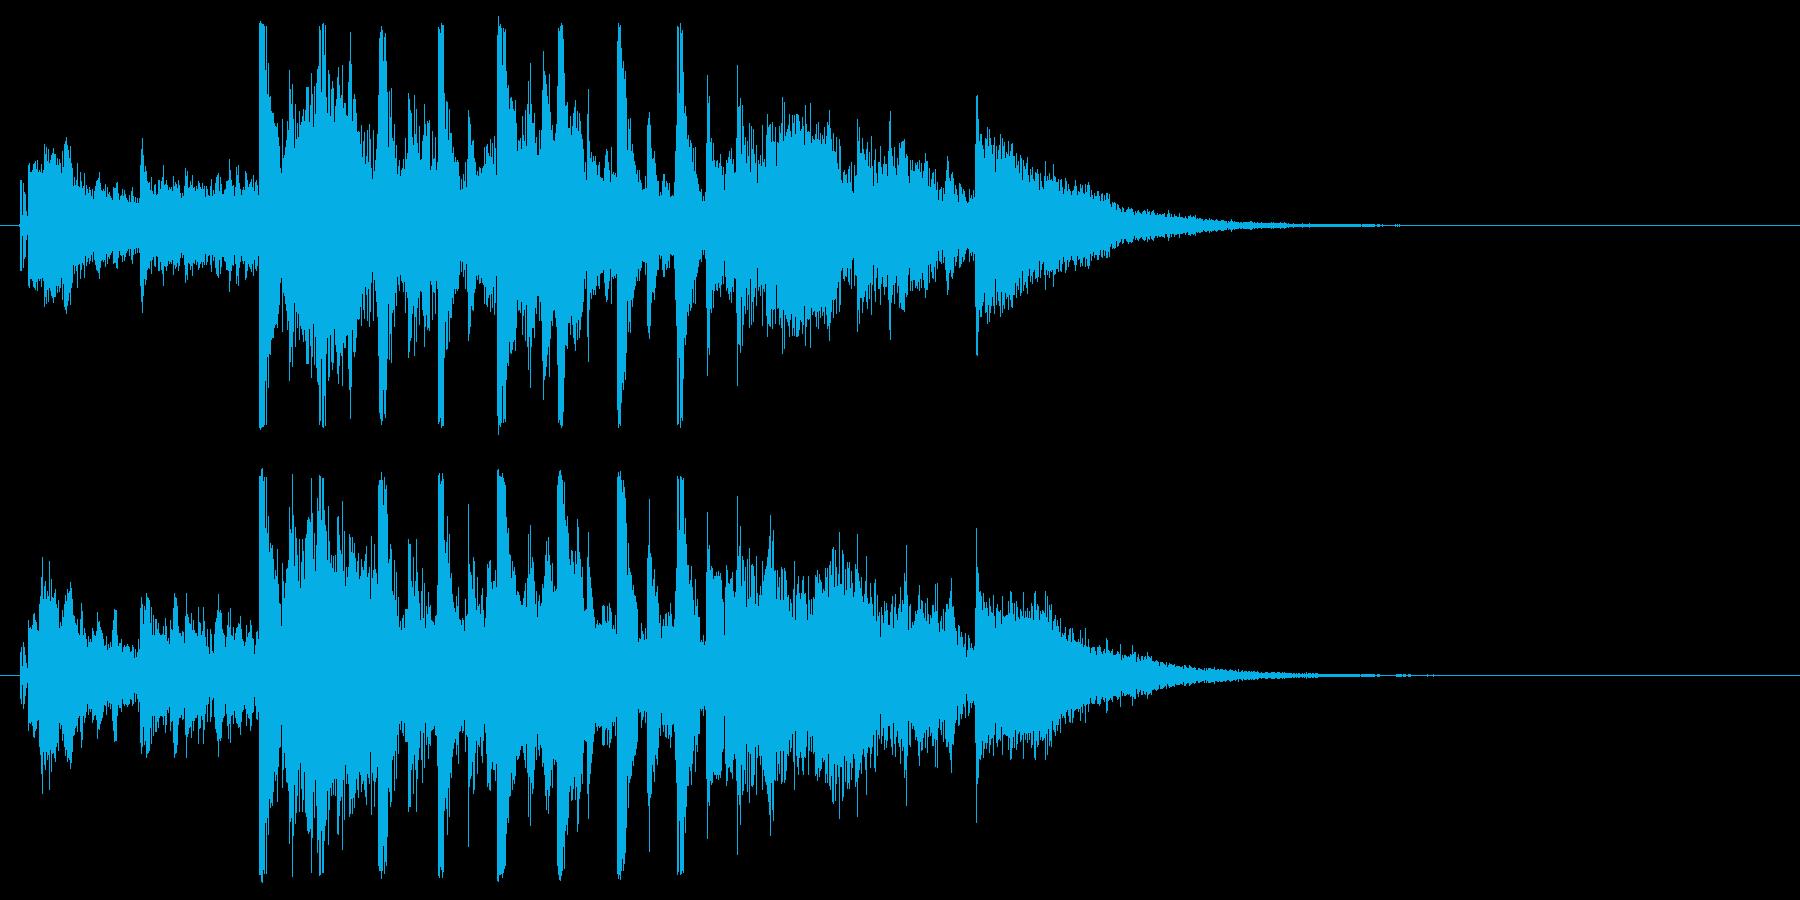 【JG】場面展開(不安・緊迫01)の再生済みの波形